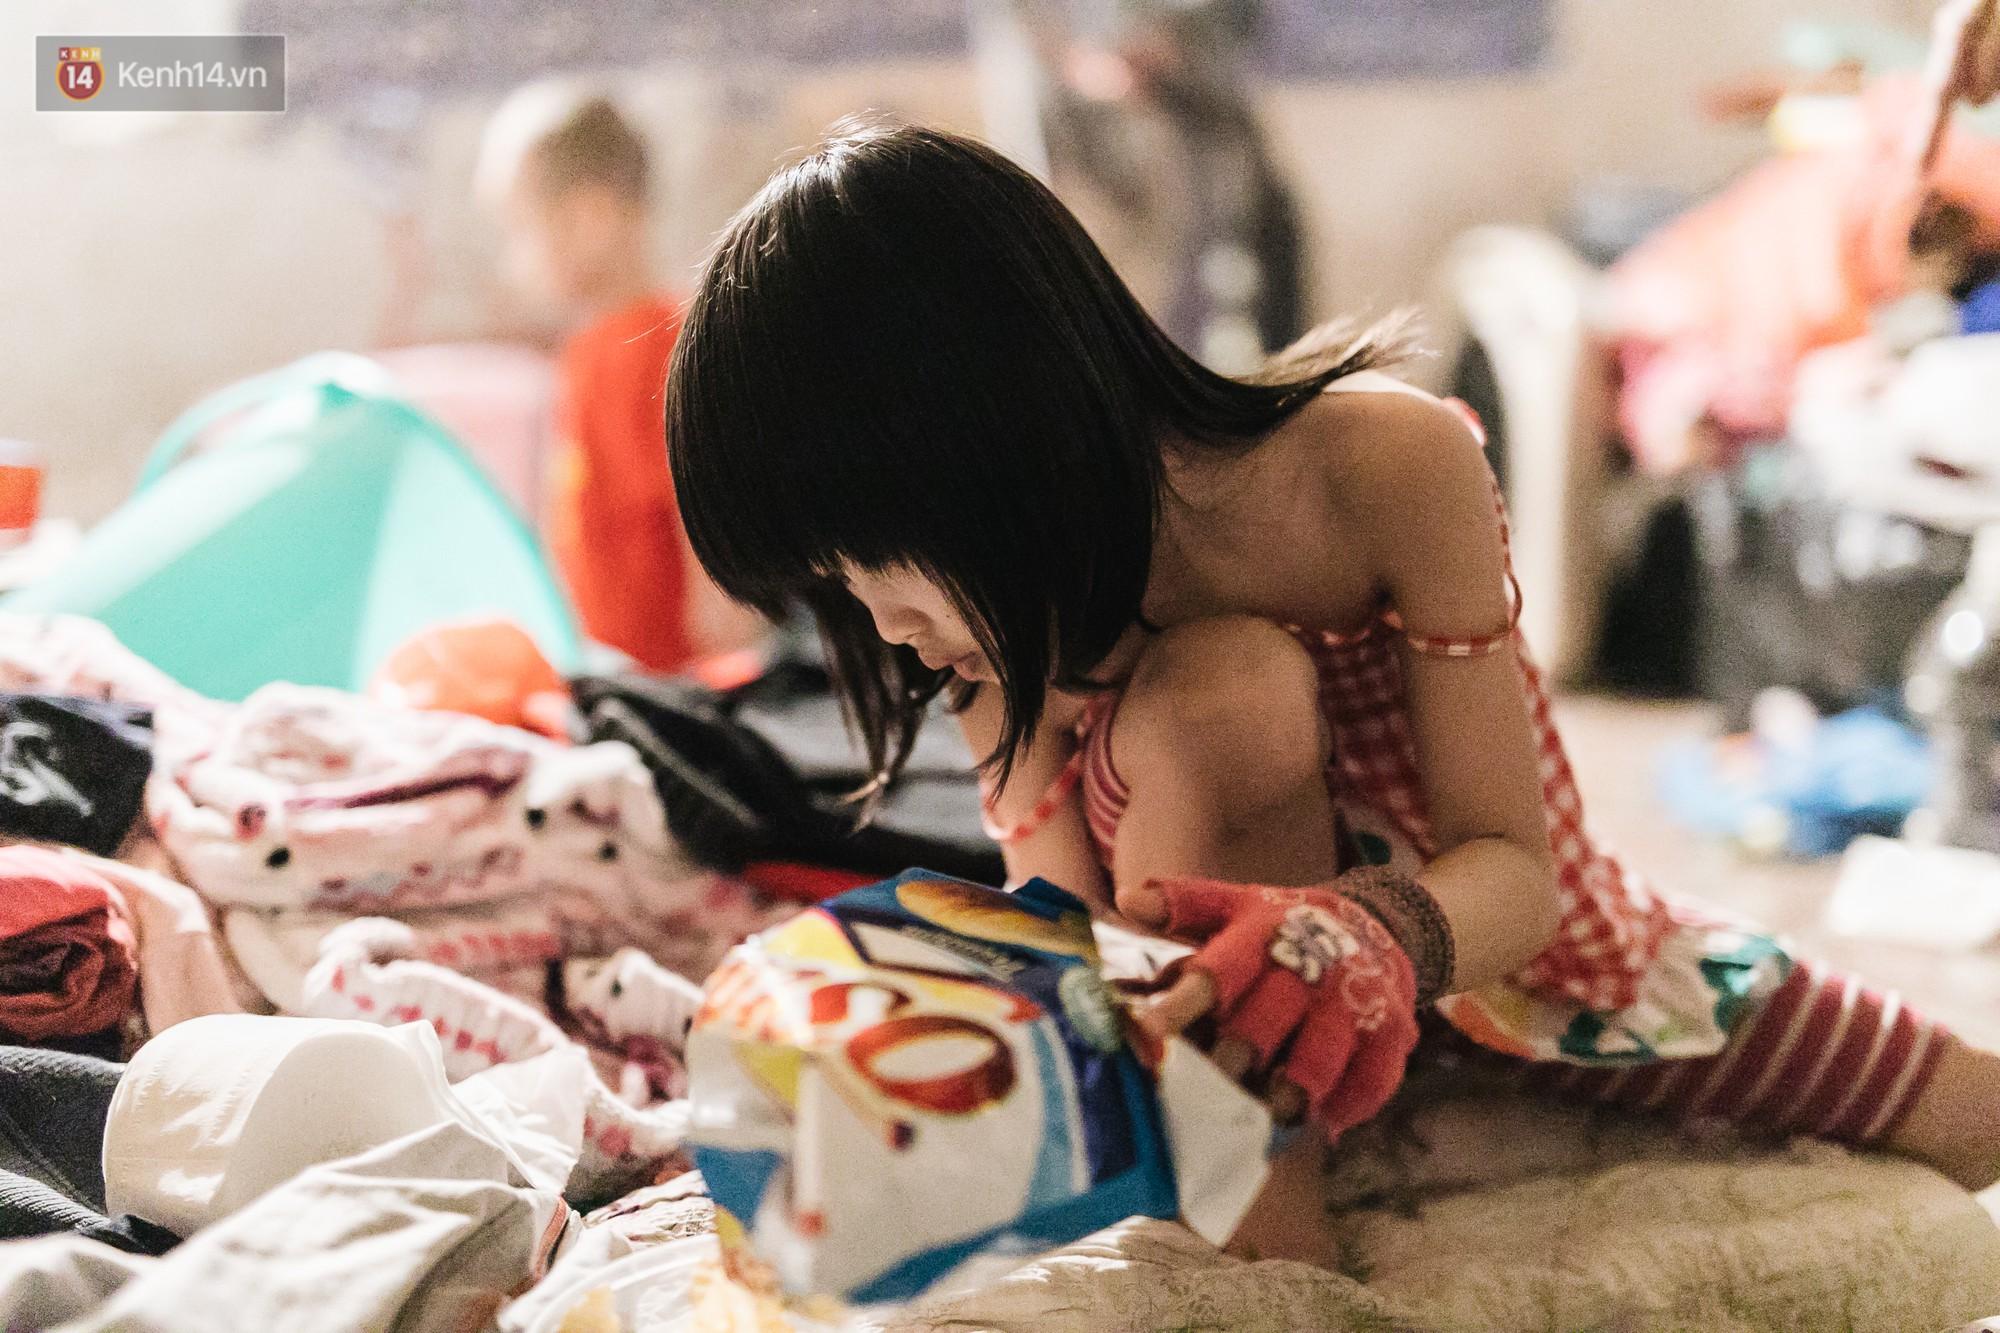 Bất ngờ nổi tiếng sau 1 đêm, bé gái 6 tuổi phối đồ chất ở Hà Nội trở về những ngày lang thang bán hàng rong cùng mẹ-2